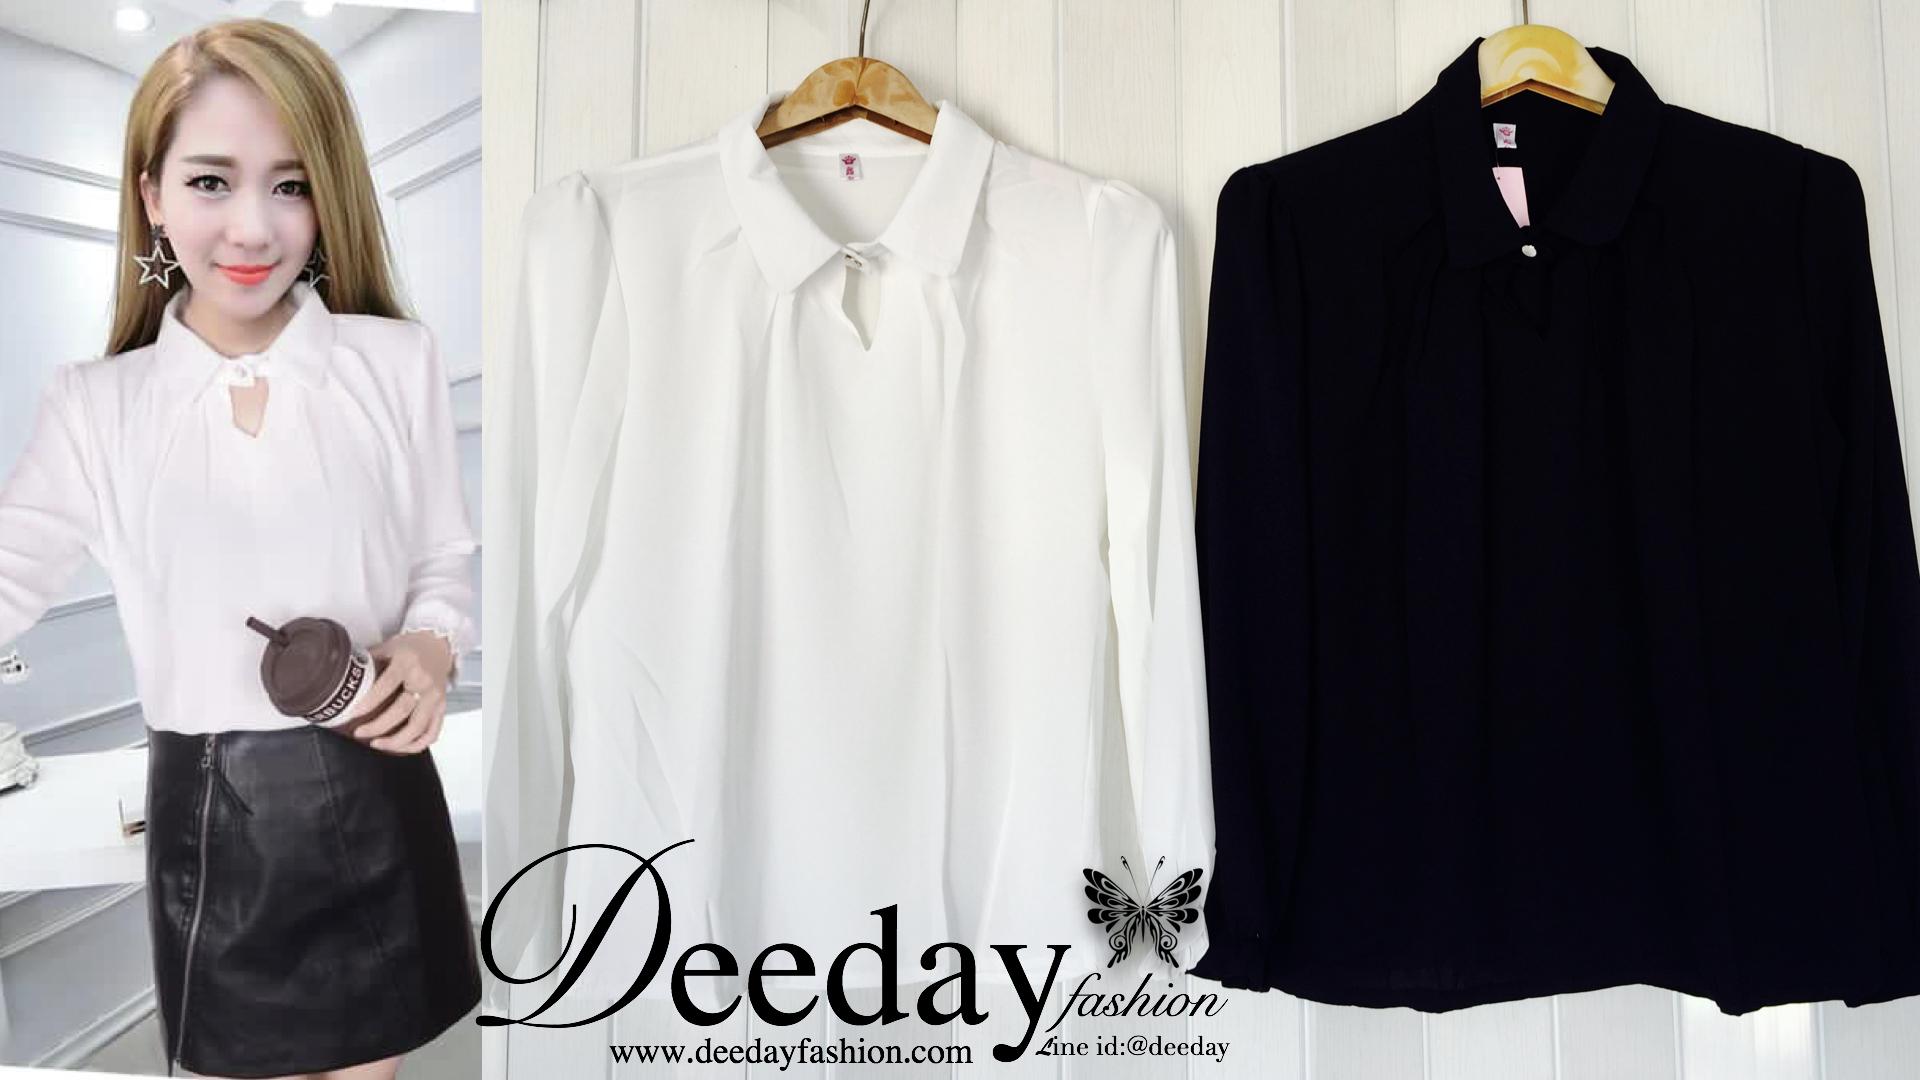 """เสื้อเชิ้ตแฟชั่น เสื้อแฟชั่นสีขาว เสื้อเชิ้ตสวมใส่ทำงาน ขายส่งเสื้อเชิ้ตแฟชั่นราคาถูก Deedayfashion ร้านขายเสื้อผ้าออนไลน์ราคาถูก วันนี้เสนอแฟชั่นที่มาแรงแซงทุกโค้ง """"เสื้อเชิ้ตสีขาว"""" แฟชั่นเสื้อเชิ้ตสวมใส่ในวันทำงาน และสามารถใส่ได้หลายโอกาสไม่ว่าจะงานไหนเสื้อเชิ้ตแฟชั่นก็เอาอยู่ ในตอนนี้ """"เสื้อเชิ้ตแฟชั่น"""" เสื้อเชิ้ตสีขาวเป็นที่กล่าวถึงกันมากเจ้าแม่แฟชั่นทั้งหลายที่ไม่อยากหลุดเทรนด์ แต่ก็อยากจะเรียบร้อยวันนี้ร้าน Deedayfashion รวบรวมแฟชั่นเสื้อเชิ้ตสีขาว เสื้อแฟชั่นสีขาวให้เจ้าแม่แฟชั่นทั้งหลายได้ช้อปกันแบบหลากหลายเนื้อผ้าและดีไซน์ที่ไม่ซ้ำแบบใคร เสื้อเชิ้ตแฟชั่น เสื้อแฟชั่นสีขาวทุกตัวที่นำเสนอ ทางร้าน Deedayfashion มีสินค้าพร้อมส่งแต่ต้องรีบหน่อยนะจ้าสาวๆๆ เนื่องจากเสื้อเชิ้ตแฟชั่น เสื้อแฟชั่นสีขาวสวมใส่วันทำงานเป็นที่ต้องการของตลาดสูงมาก อย่าช้า!! ช้อปเลยจ้า สั่งก่อนได้ก่อนนะจ้า สาวๆๆที่ไม่อยากพลาดแฟชั่นอัพเดททุกวันติดตามได้เลยที่ Line id:@deeday (ส่งแฟชั่นถึงมือคุณทุกวัน) ไม่ต้องกลัวตกเทรนด์ อยากรับสินค้าไปขายหรือสั่งซื้อสินค้าได้เลยจ้า แอดไลน์หรือทางเพจร้านค้า แบบเยอะ!! �yfashionเปิด 8.00-19.00 น โกดังสินค้า 054-010410 มือถือ 091-0699618 จัดส่งรวดเร็ว เสื้อผ้าพร้อมส่ง &#x2728 แฟชั่นโทนสีดำ เสื้อสีดำ กระโปรงสีดำ เสื้อโปโลสีดำ ขายส่งราคาถูก แฟชั่นอัพเดททุกวัน Line id:@deeday สินค้าพร้อมส่งทุกตัว เสื้อไหมพรมแขนยาว เสื้อกันหนาว ไหมพรมแฟชั่น แฟชั่นสไตล์เกาหลีมีแบบให้เลือกเยอะมาก คลิกเลย!!! รวมแฟชั่นขายดี คลิก https://goo.gl/trUyXt กระโปรง กางเกง คลิก https://goo.gl/fw8jcv สินค้าลดราคา SALE คลิก https://goo.gl/cdL8pB ชุดแต่งงาน คลิก https://goo.gl/3V2mP8 Deedayfashion ขายส่งเสื้อผ้าแฟชั่นออนไลน์ราคาส่งประตูน้ำ ถูกมาก!! ส่งตรงจากโรงงาน ติดตามแฟชั่น Deedayfashion อัพเดททุกวัน แฟชั่นสไตล์เกาหลีแบบเยอะ ขายส่งเสื้อผ้าแฟชั่นออนไลน์ """"เสื้อผ้าพร้อมส่ง"""" สั่งแล้วส่งเลยได้สินค้ารวดเร็วทันใจ สินค้าทุกชิ้นคุณภาพดีและราคาถูก ราคาส่งจากโรงงาน โรงงานมาเองติดตามร้านดีเดย์แฟชั่นได้หลากหลายช่องทางคลิกลิงค์ด้านล่างเลยจ้า Line id:@deeday (สินค้าอัพเดททุกวัน) �n Page เพจร้านค้า: https://www.facebook.com/deedayfashion88 &#x1F60Dเว็ปไซด์: www.deedayfashion.com �log บล็อค: http://deedayfashio"""